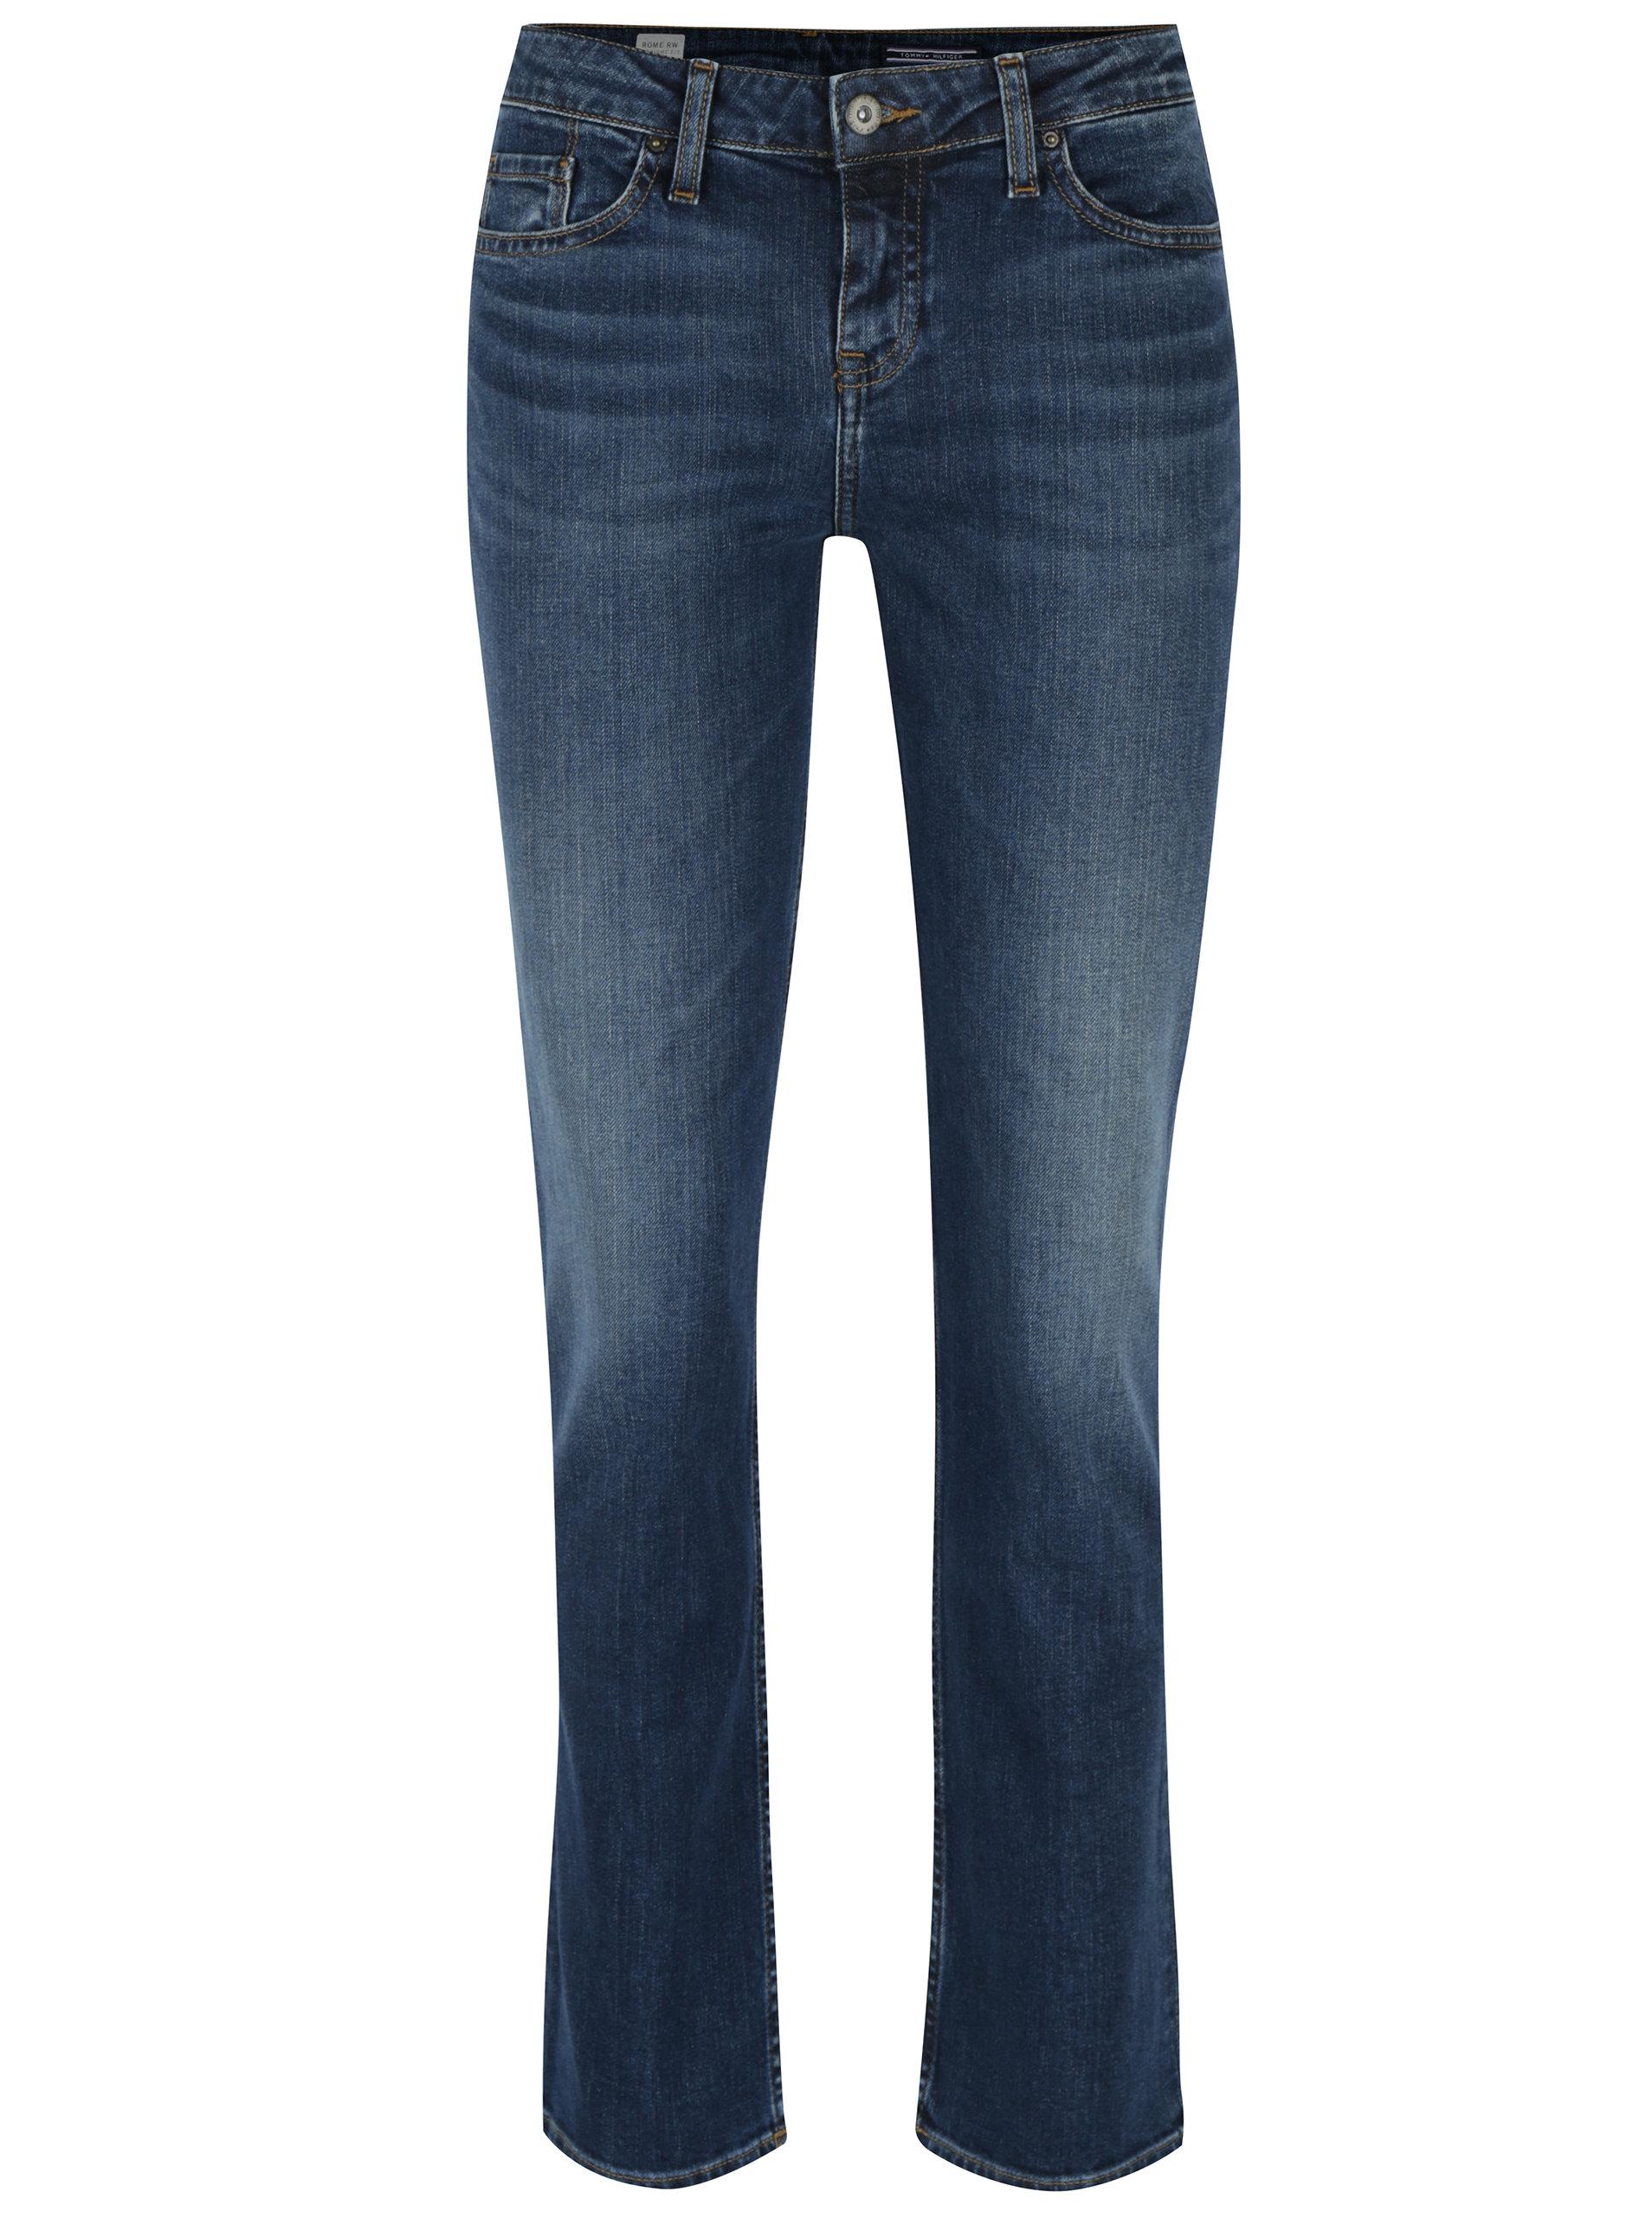 62d52b1f23a Modré dámské straight fit džíny Tommy Hilfiger Rome ...